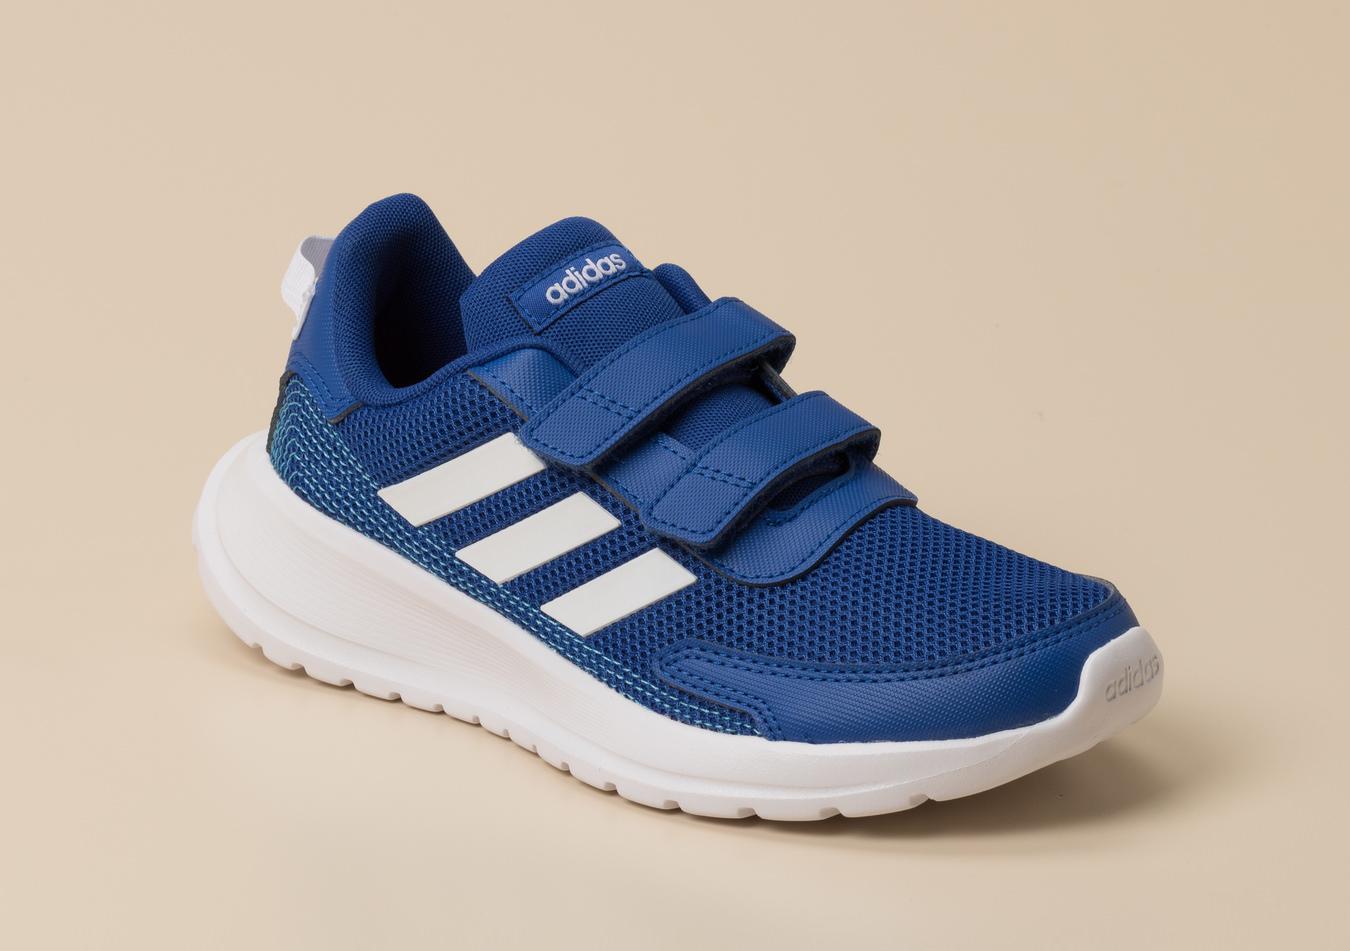 Adidas Kinder Sneaker in mittelblau kaufen | Zumnorde Online Shop